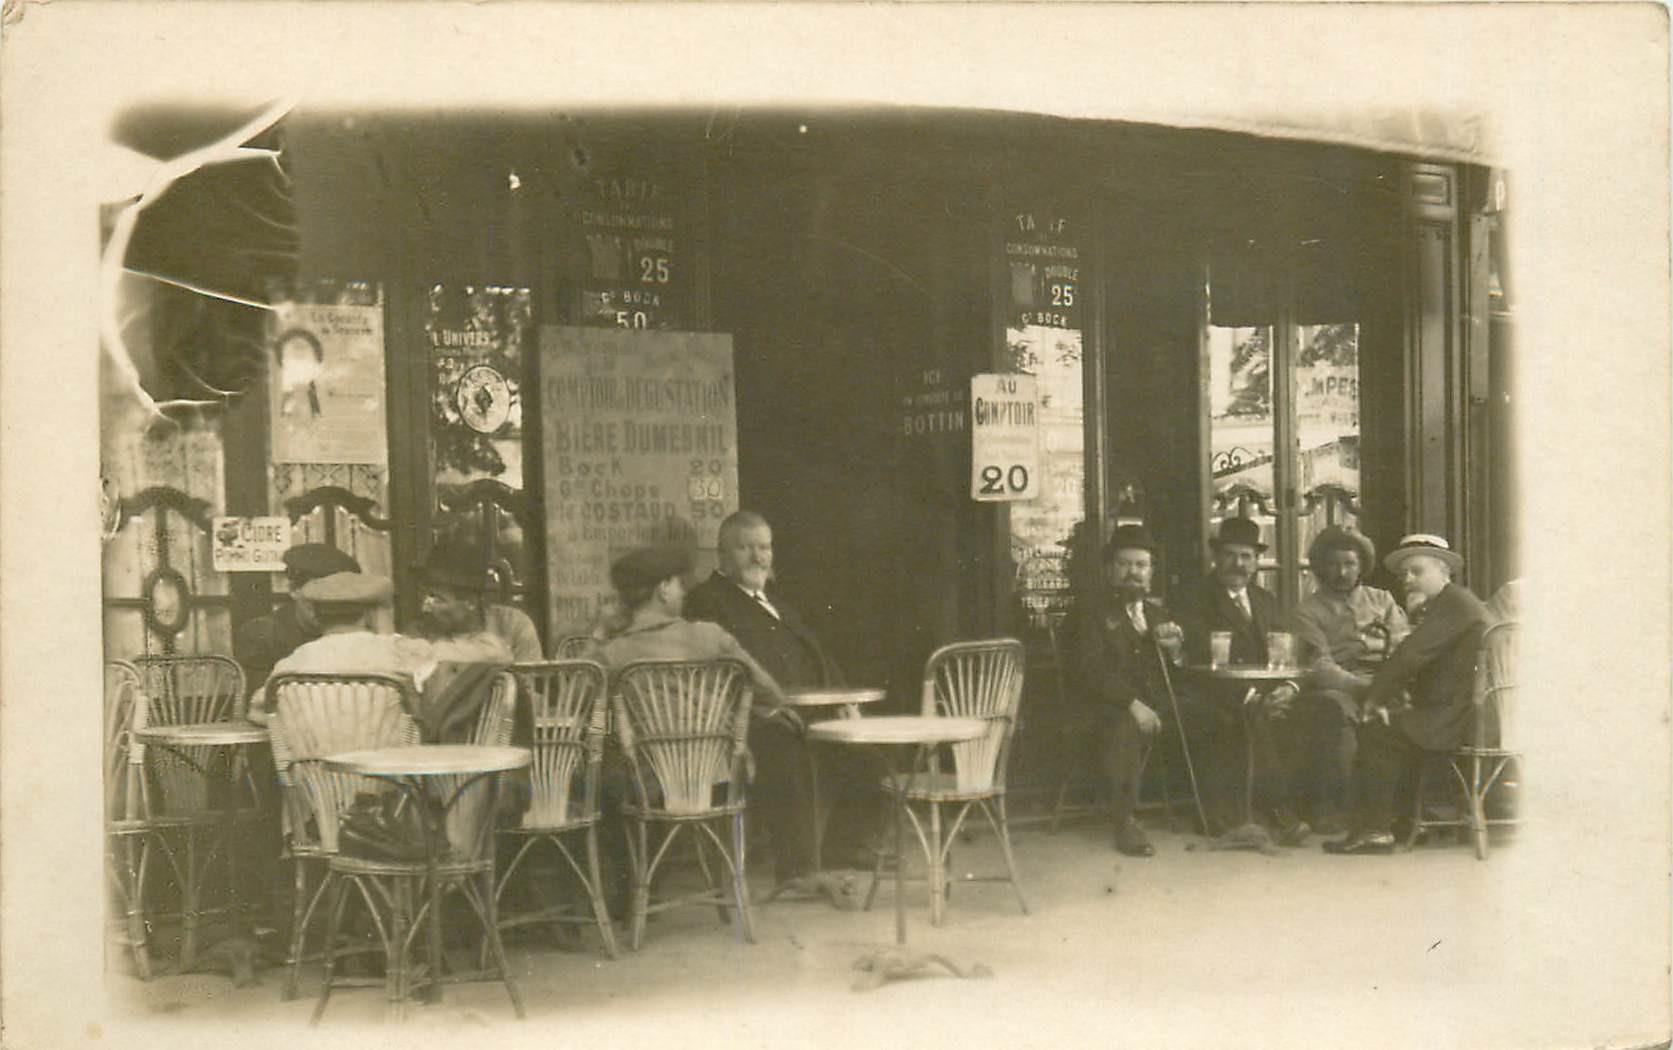 """Photo carte postale Café Bar Restaurant publicité """" Bières Dumesnil """""""